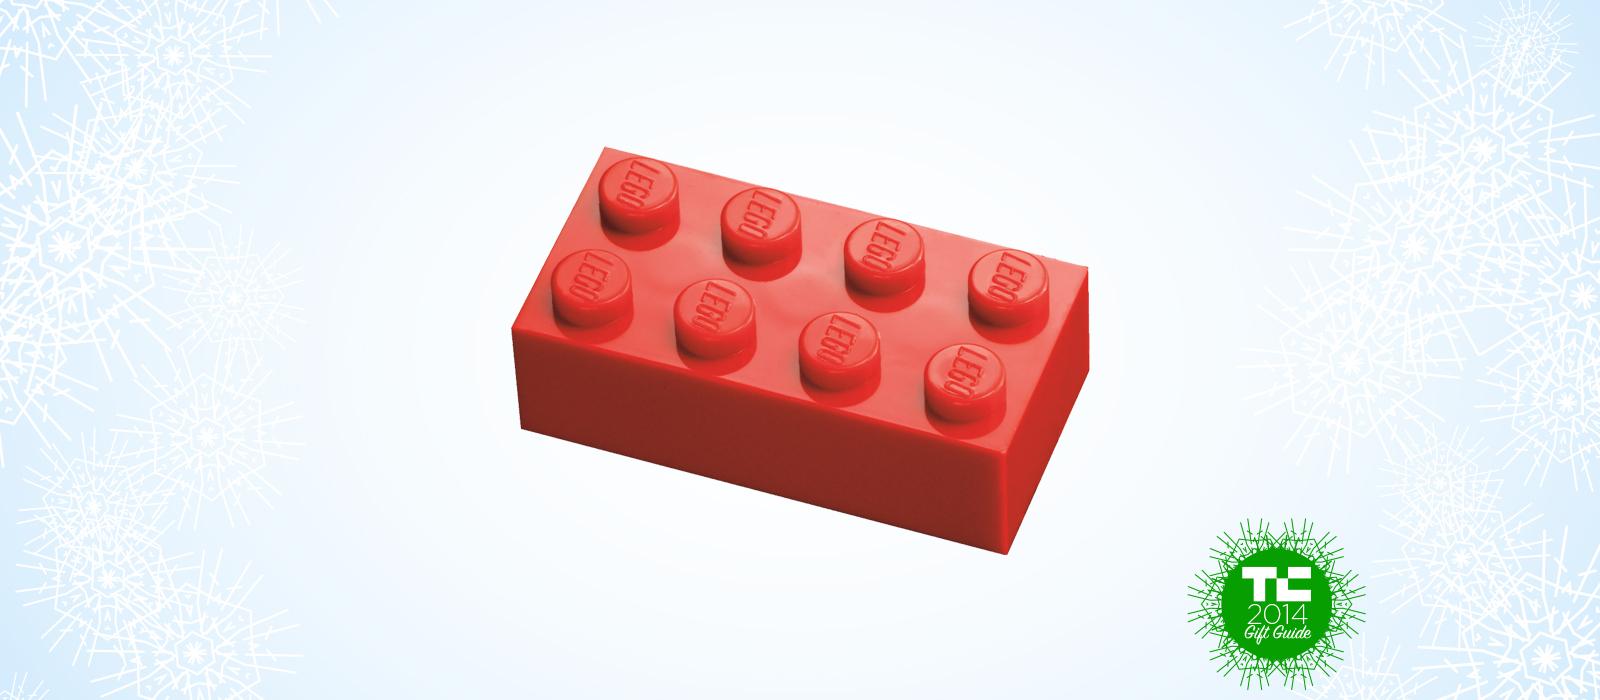 lego-gg